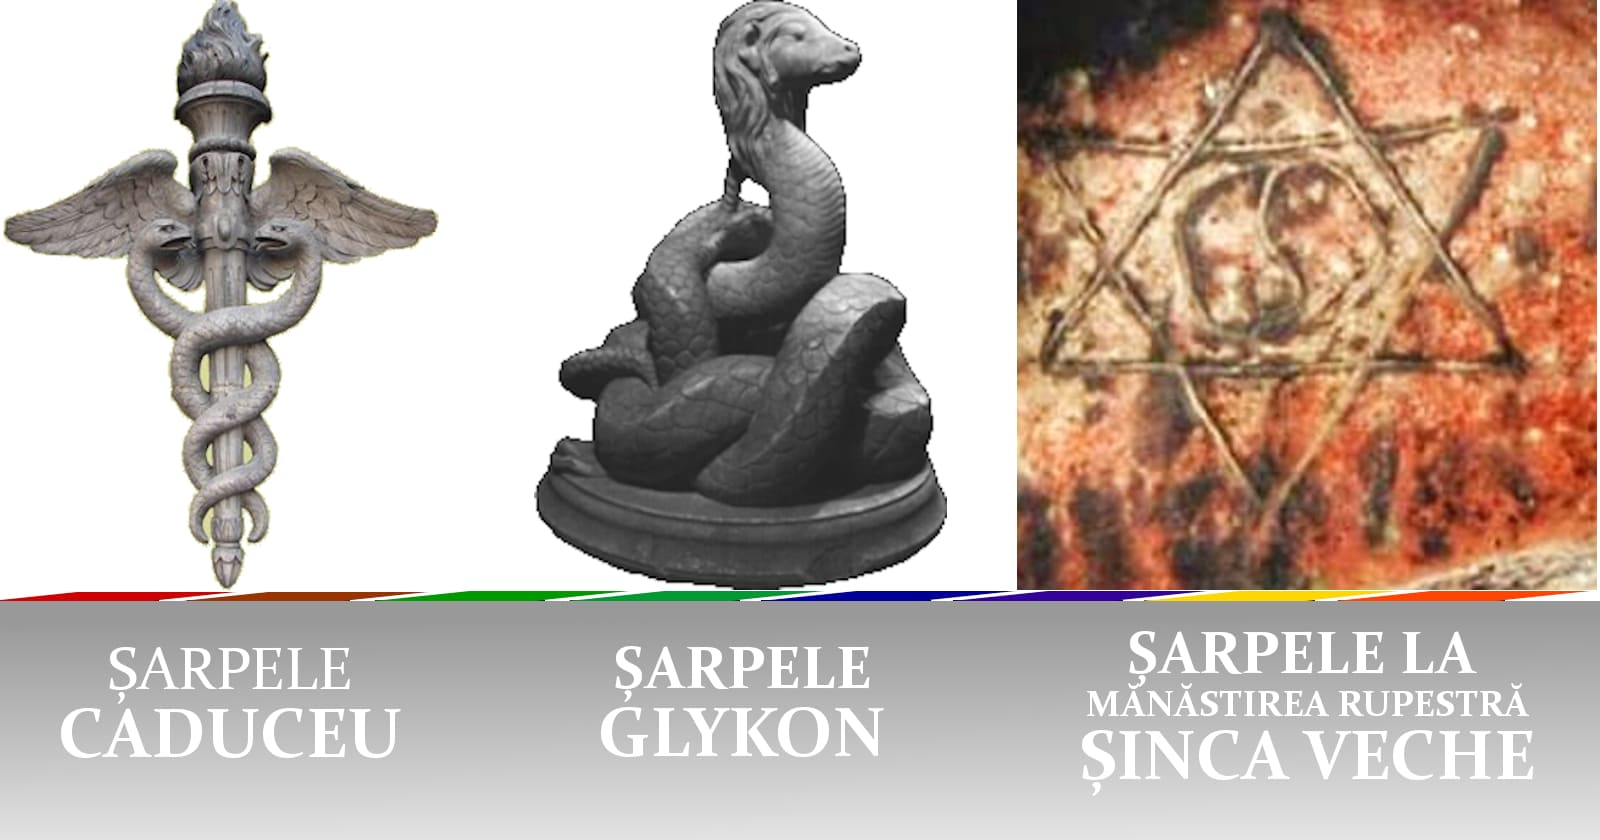 Șarpele - expresia acțiunilor și reacțiunilor Cerului și Pământului